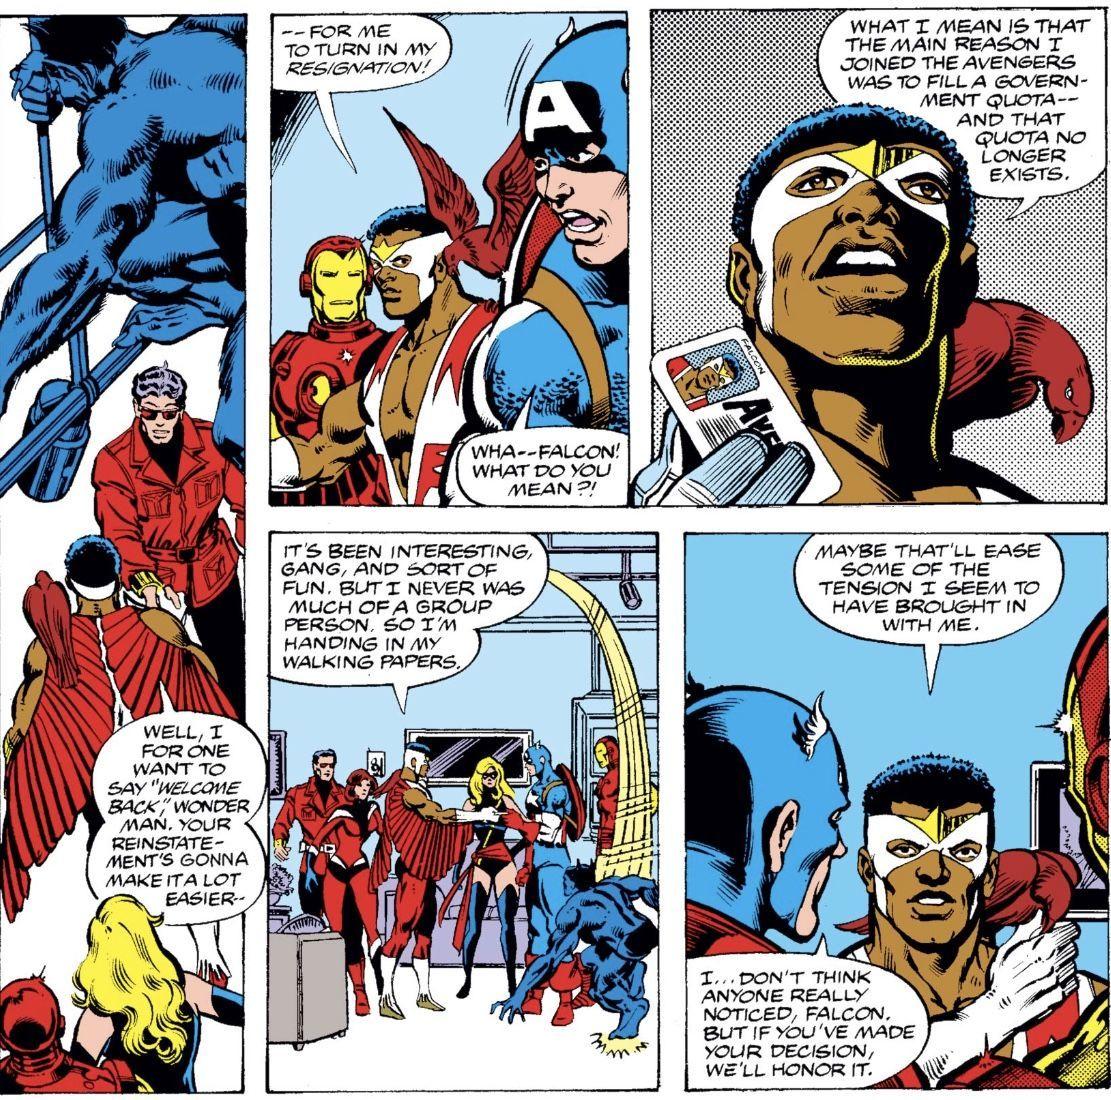 Avengers-Falcon-2